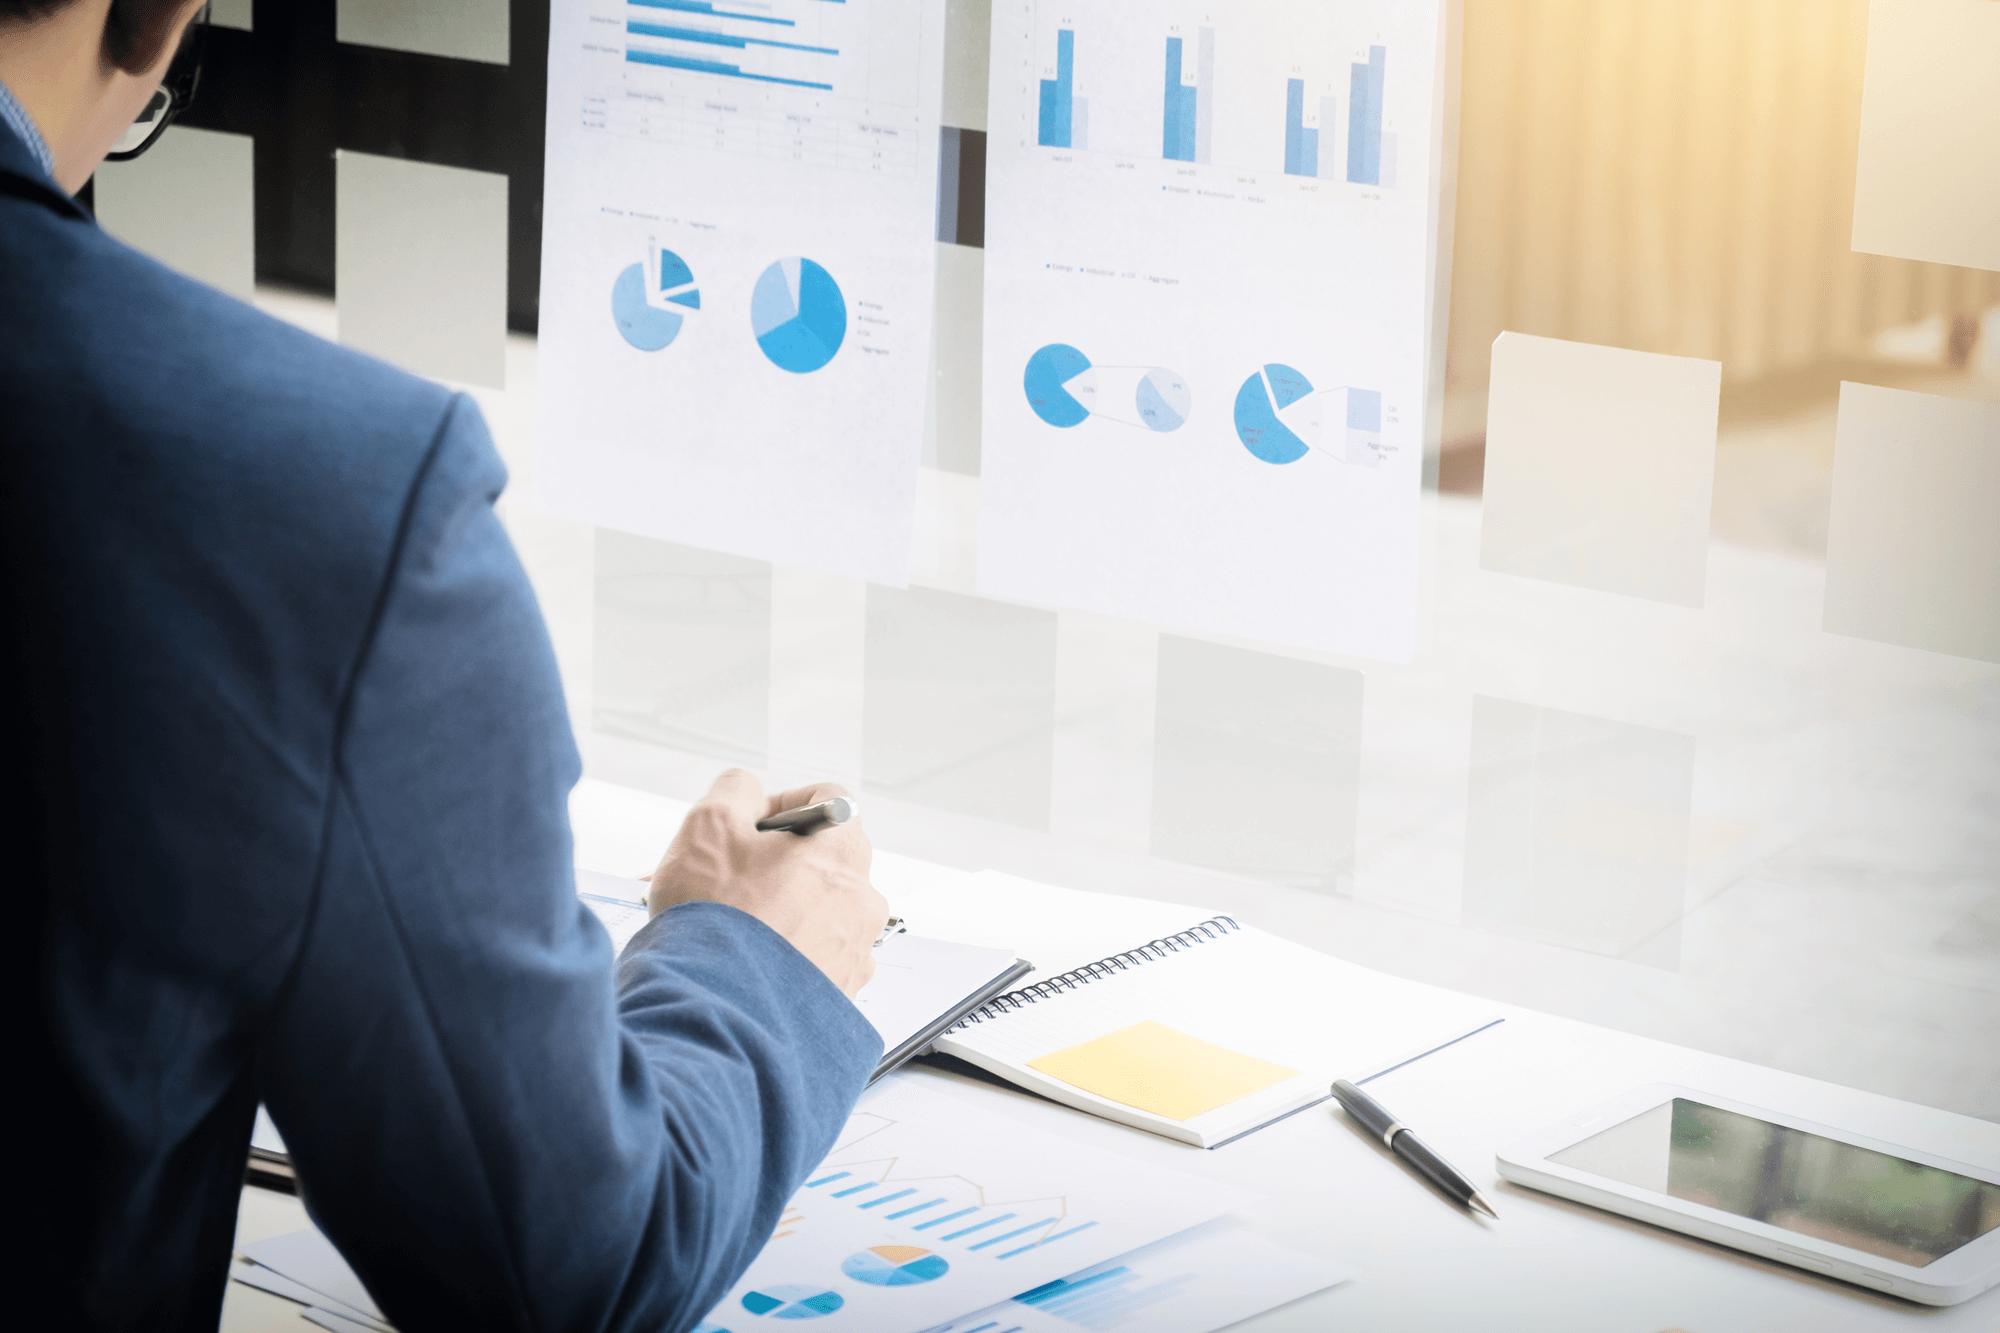 Productiviteit nog nooit zo hoog geweest met Business Analytics